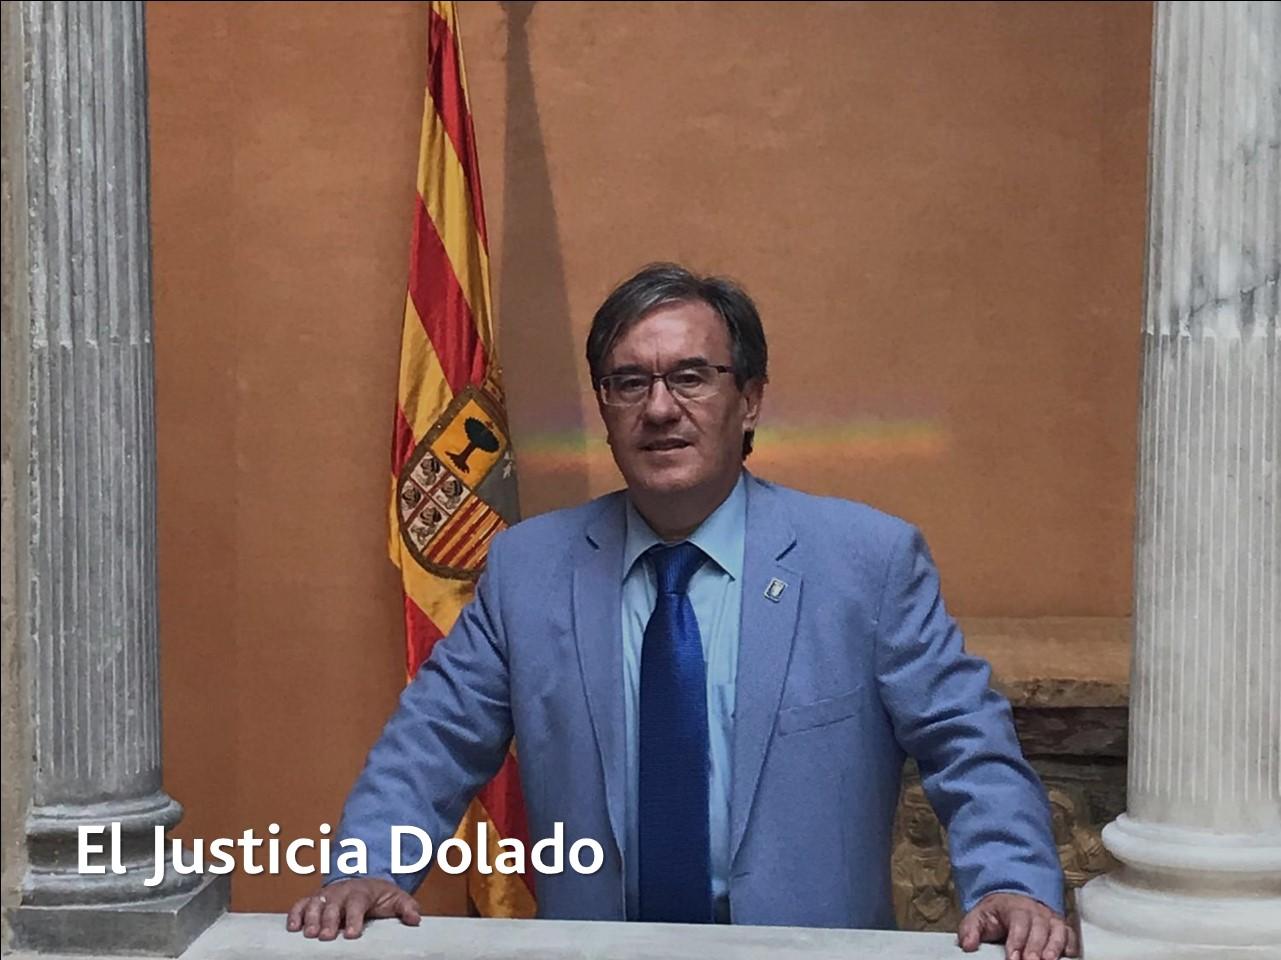 Justicia Dolado 2